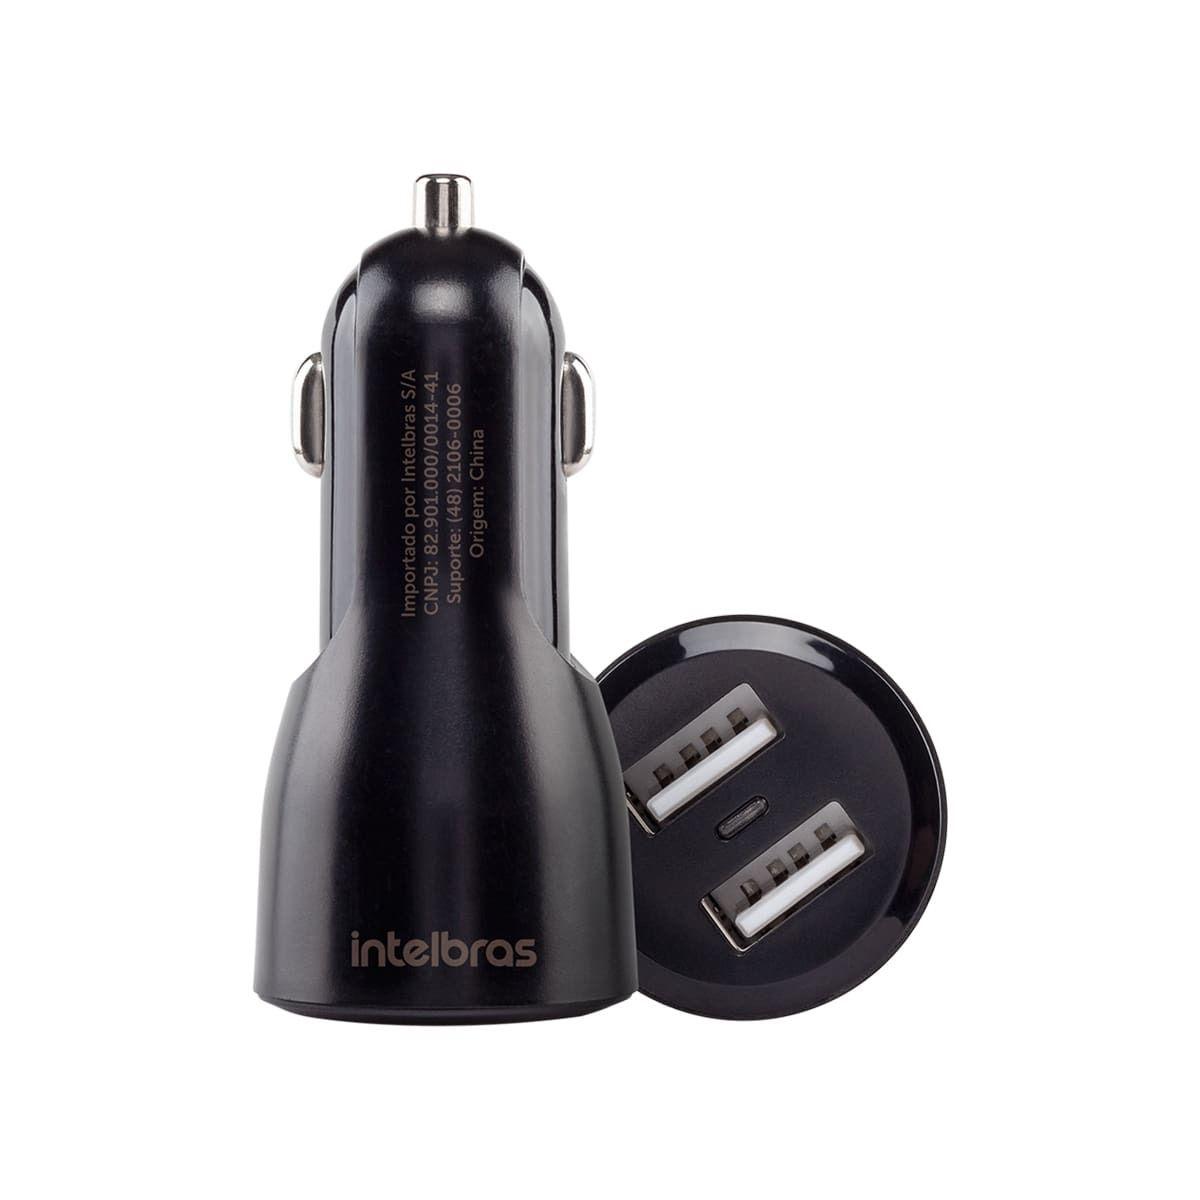 Carregador veicular universal USB com 2 portas Intelbras ECV 2 Fast